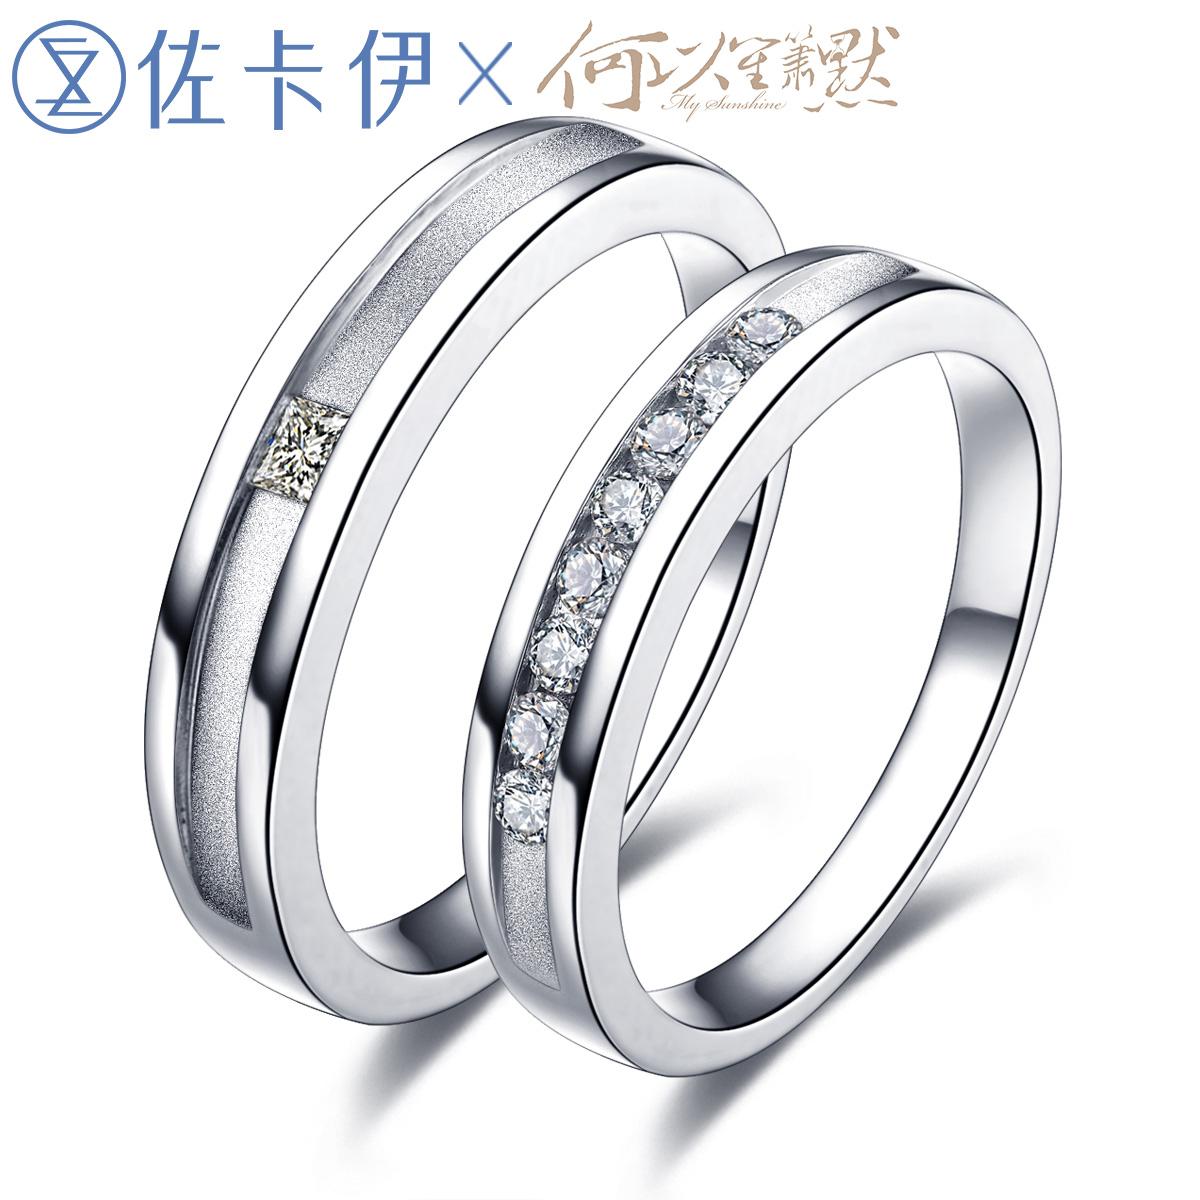 佐卡伊情侶對戒 白18K金鉆石婚戒結婚鉆戒男女對戒白金戒指正品